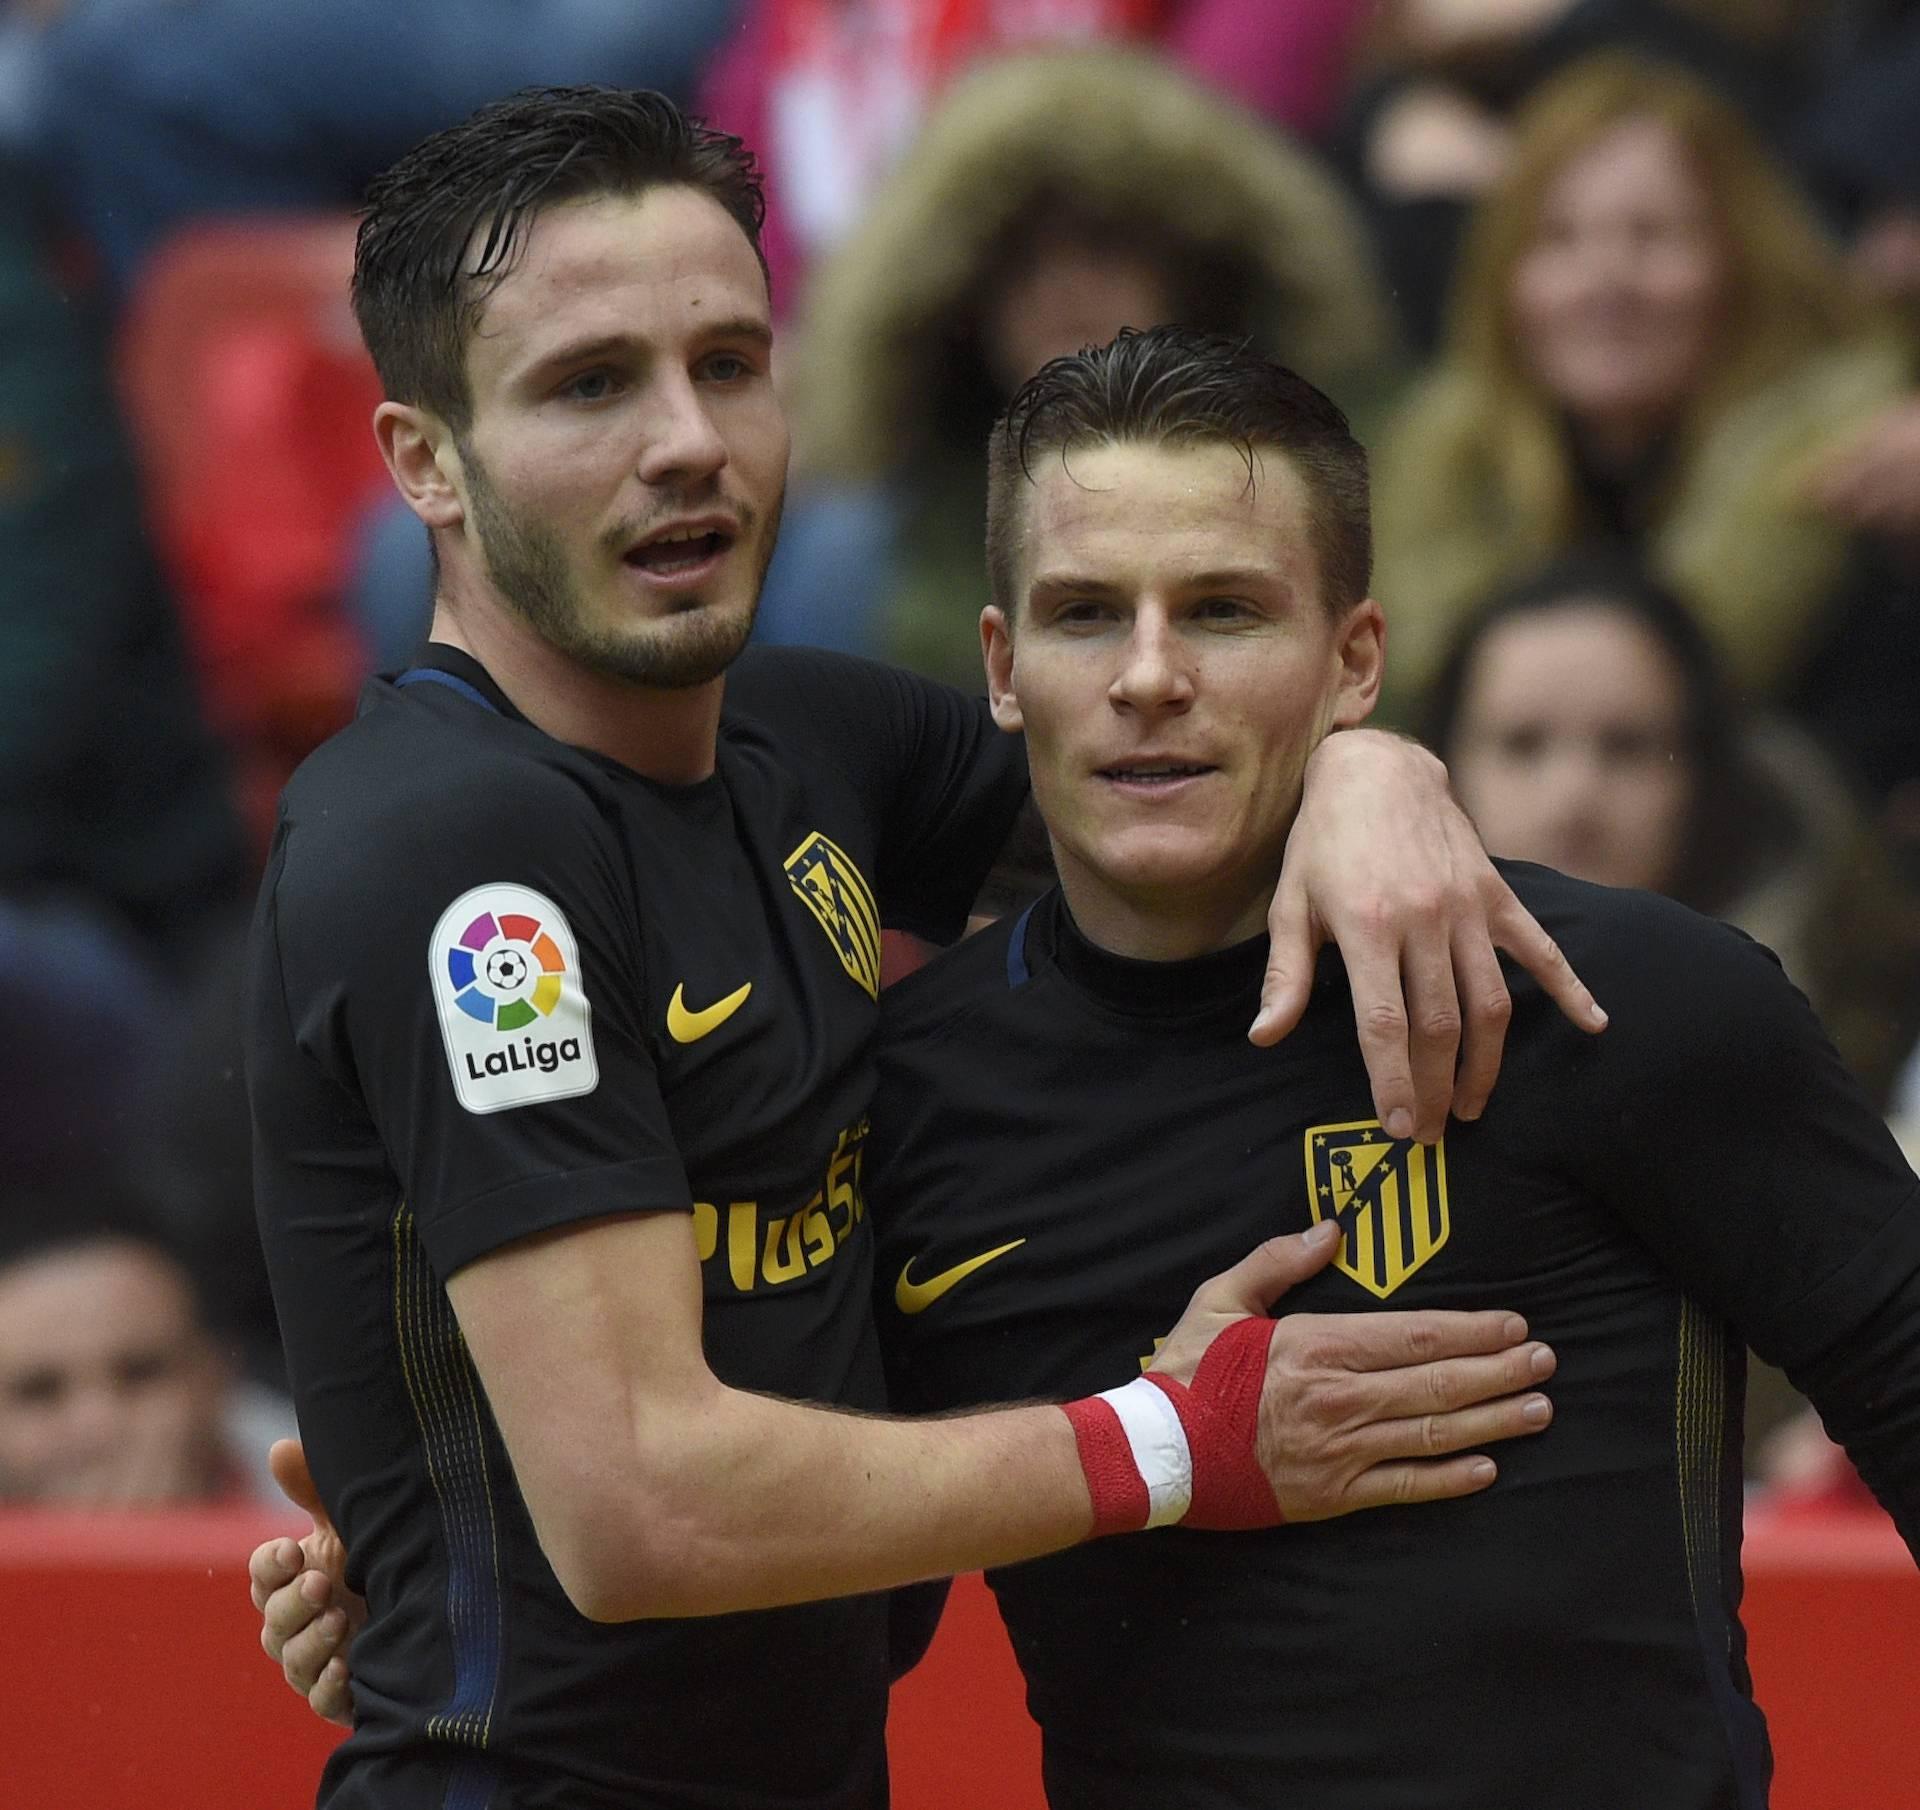 Football Soccer - Sporting Gijon  v Atletico Madrid - Spanish La Liga Santander